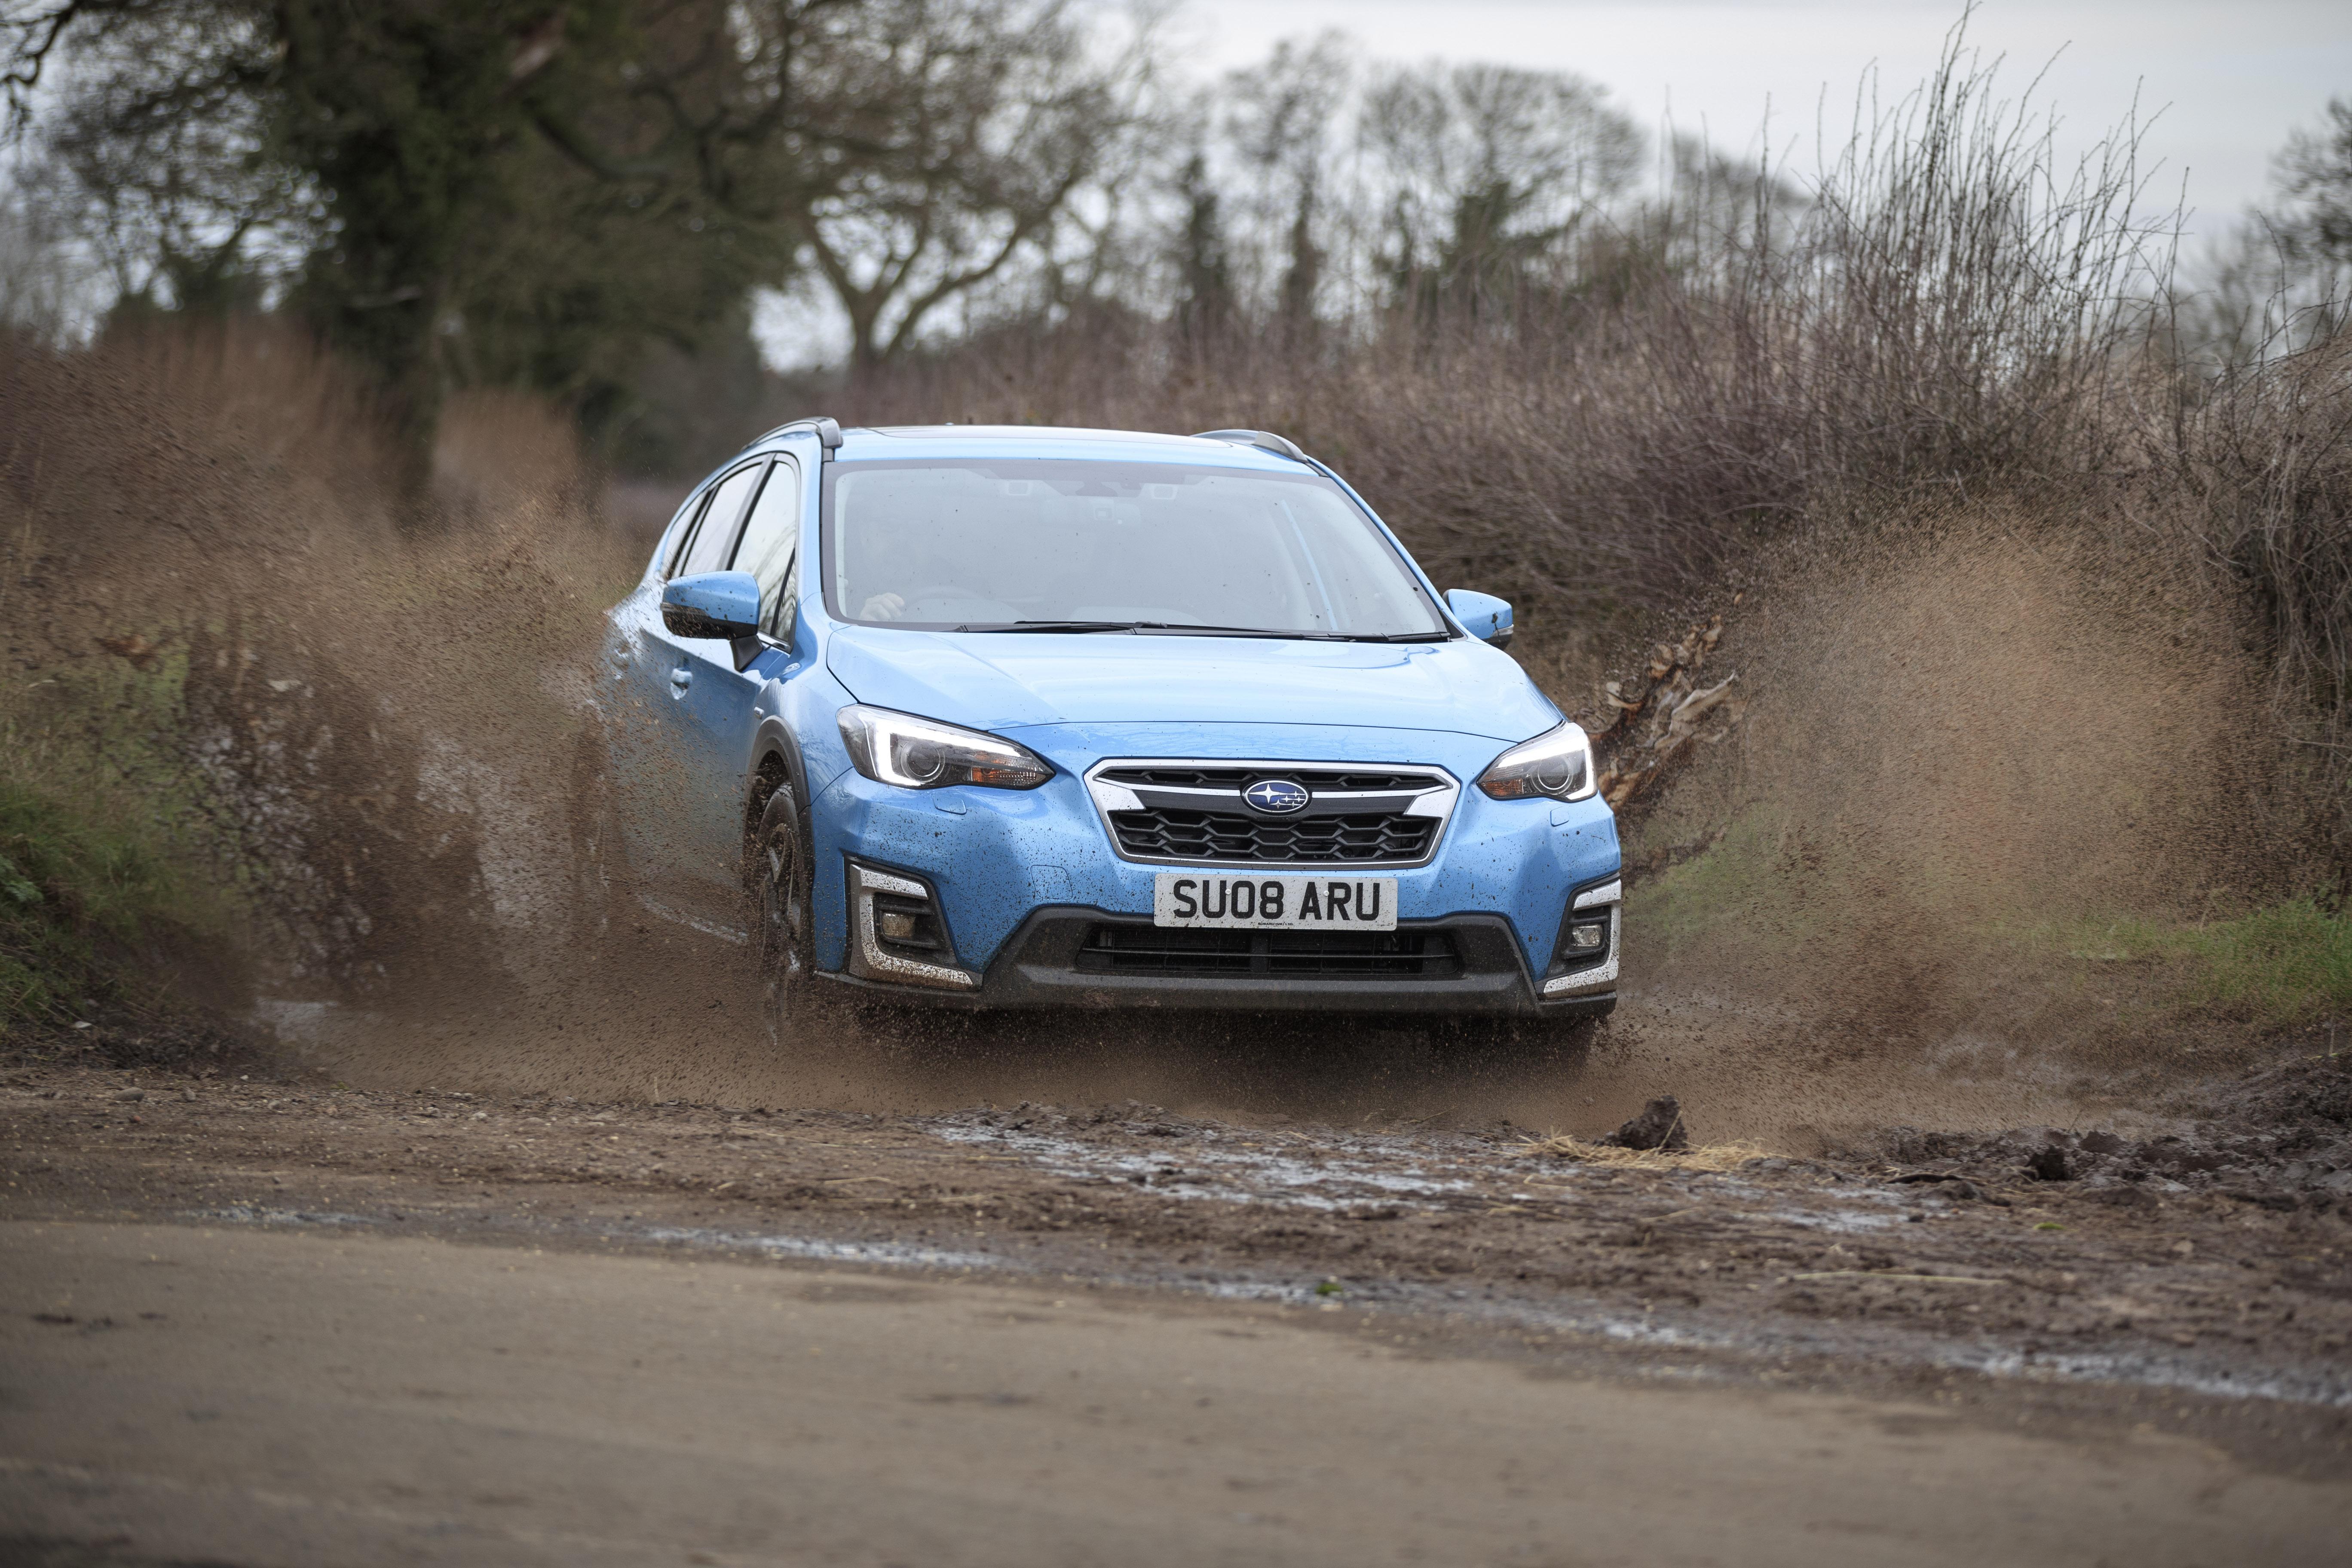 Subaru off-road dynamic